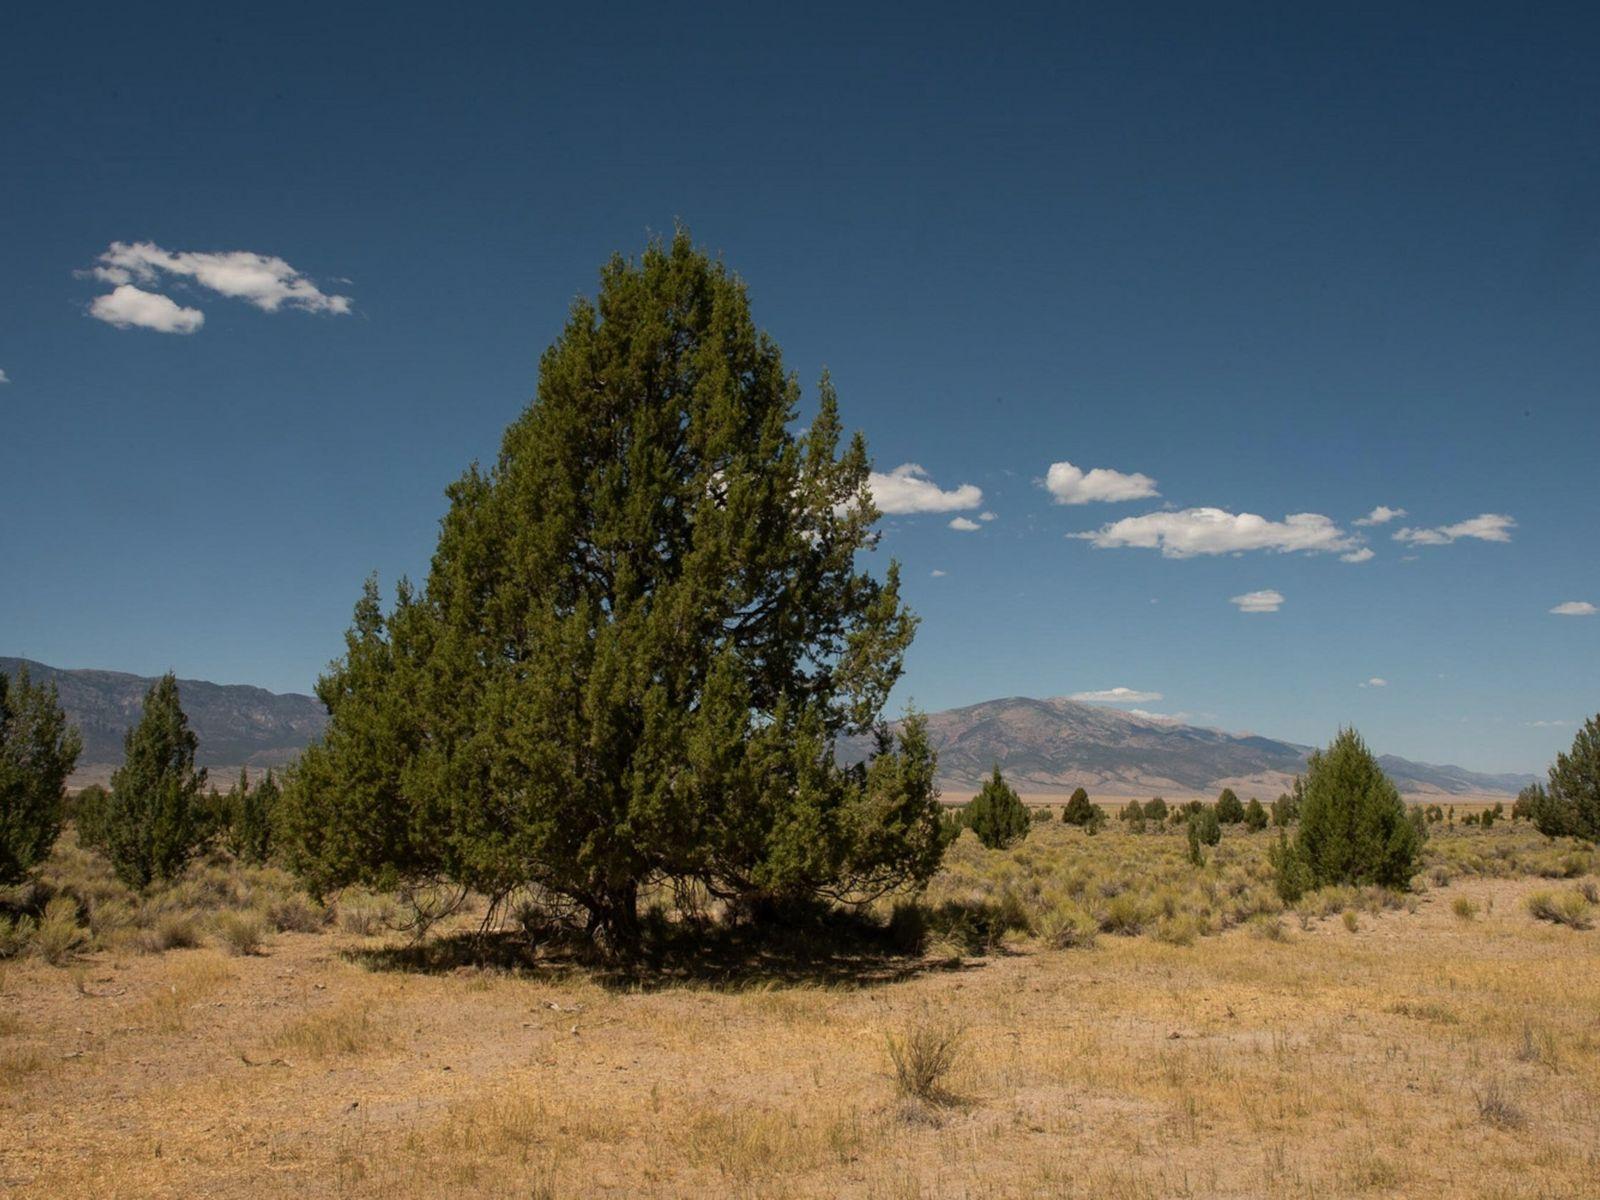 Trecho cientificamente inexplicável de tuias em pleno deserto de Nevada, nos Estados Unidos. Os povos indígenas ...